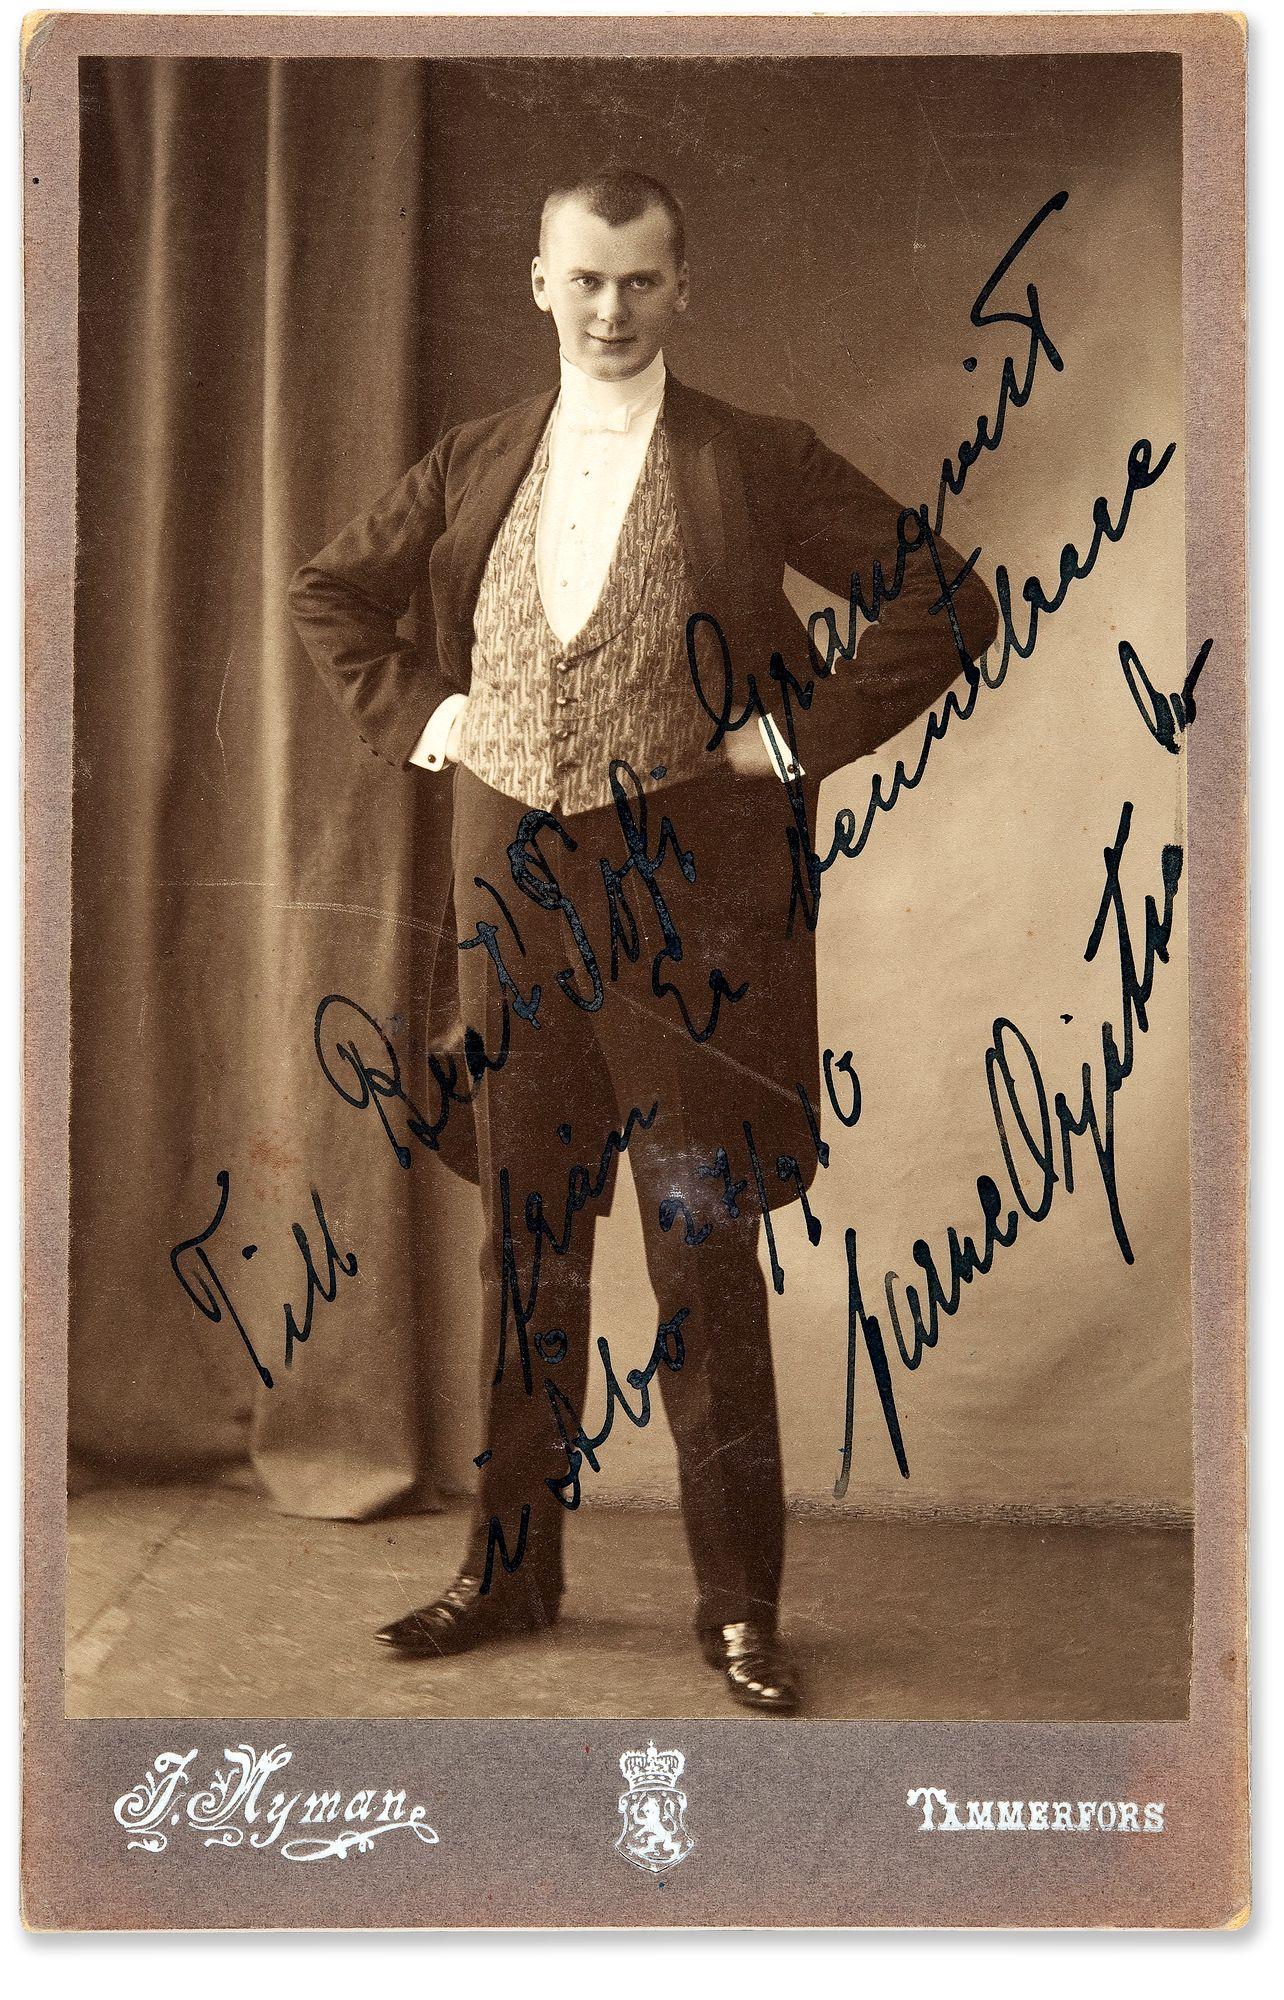 Aarne Orjatsalo oli Ain'Elisabetin ensimmäinen suuri skandaali ja tämän aviottoman pojan isä. Kuva vuodelta 1909 tai 1910. © Museovirasto